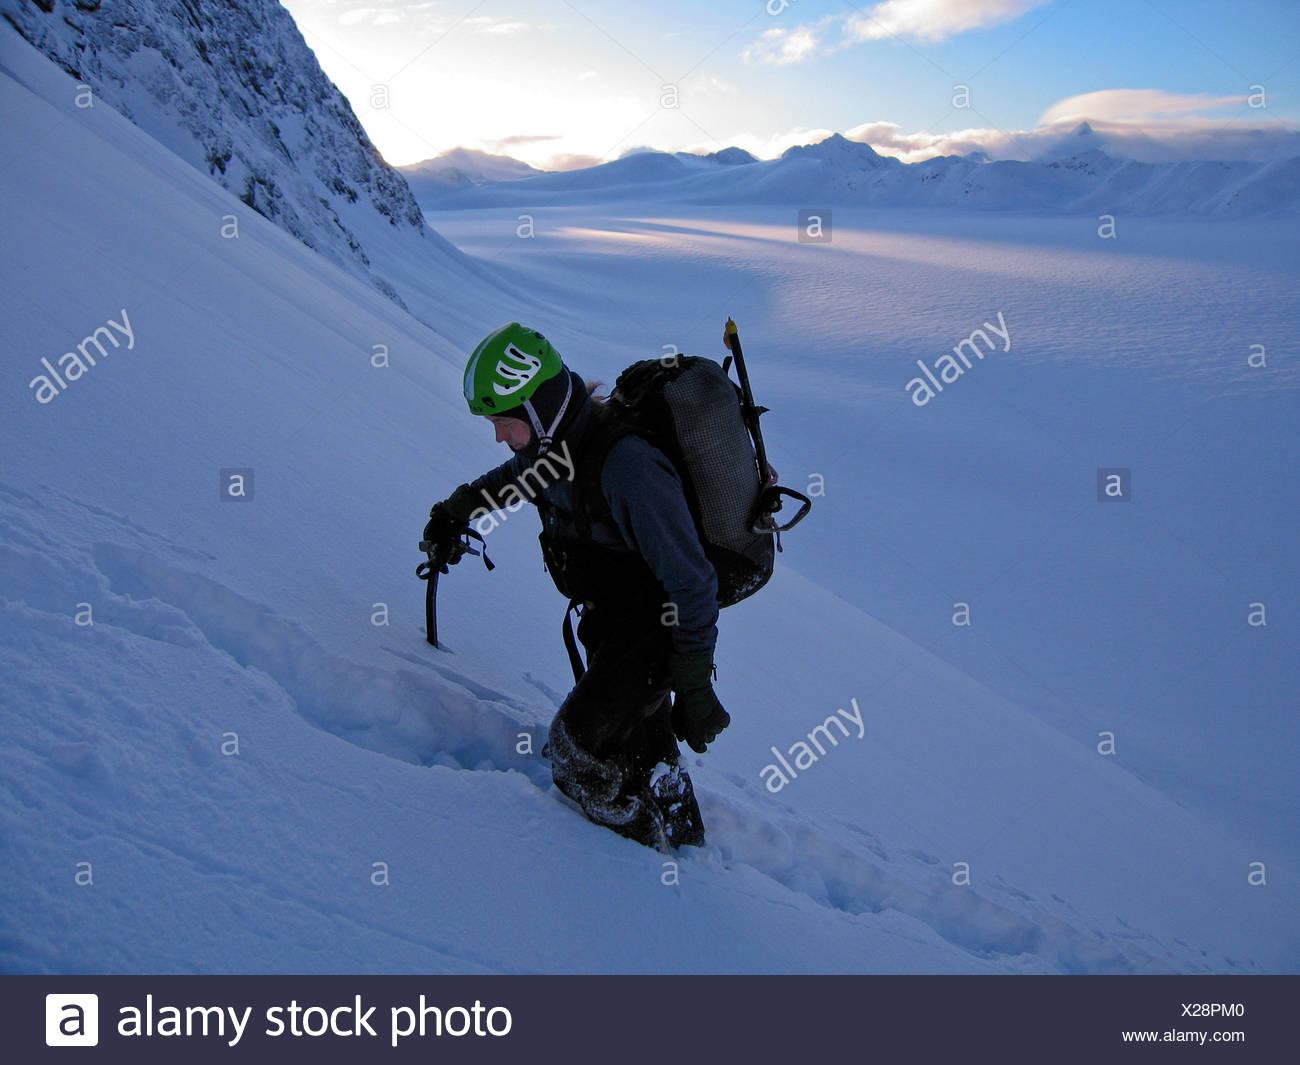 Un grimpeur monte Peril Peak, dans l'Alaska, Chugach State Park Photo Stock